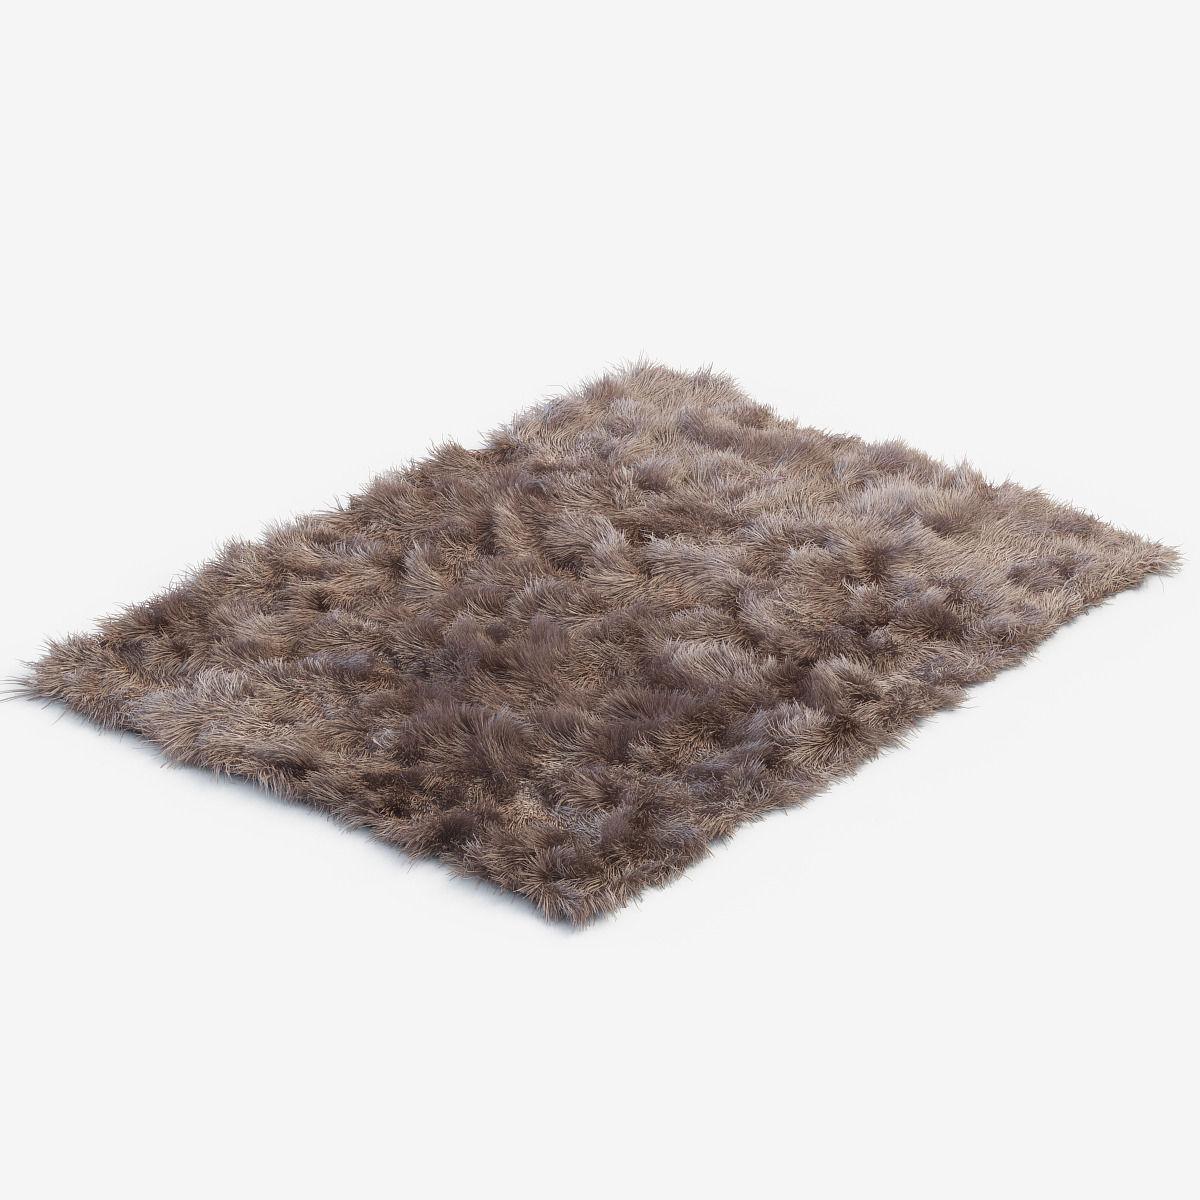 Carpets Fur 3D Model MAX